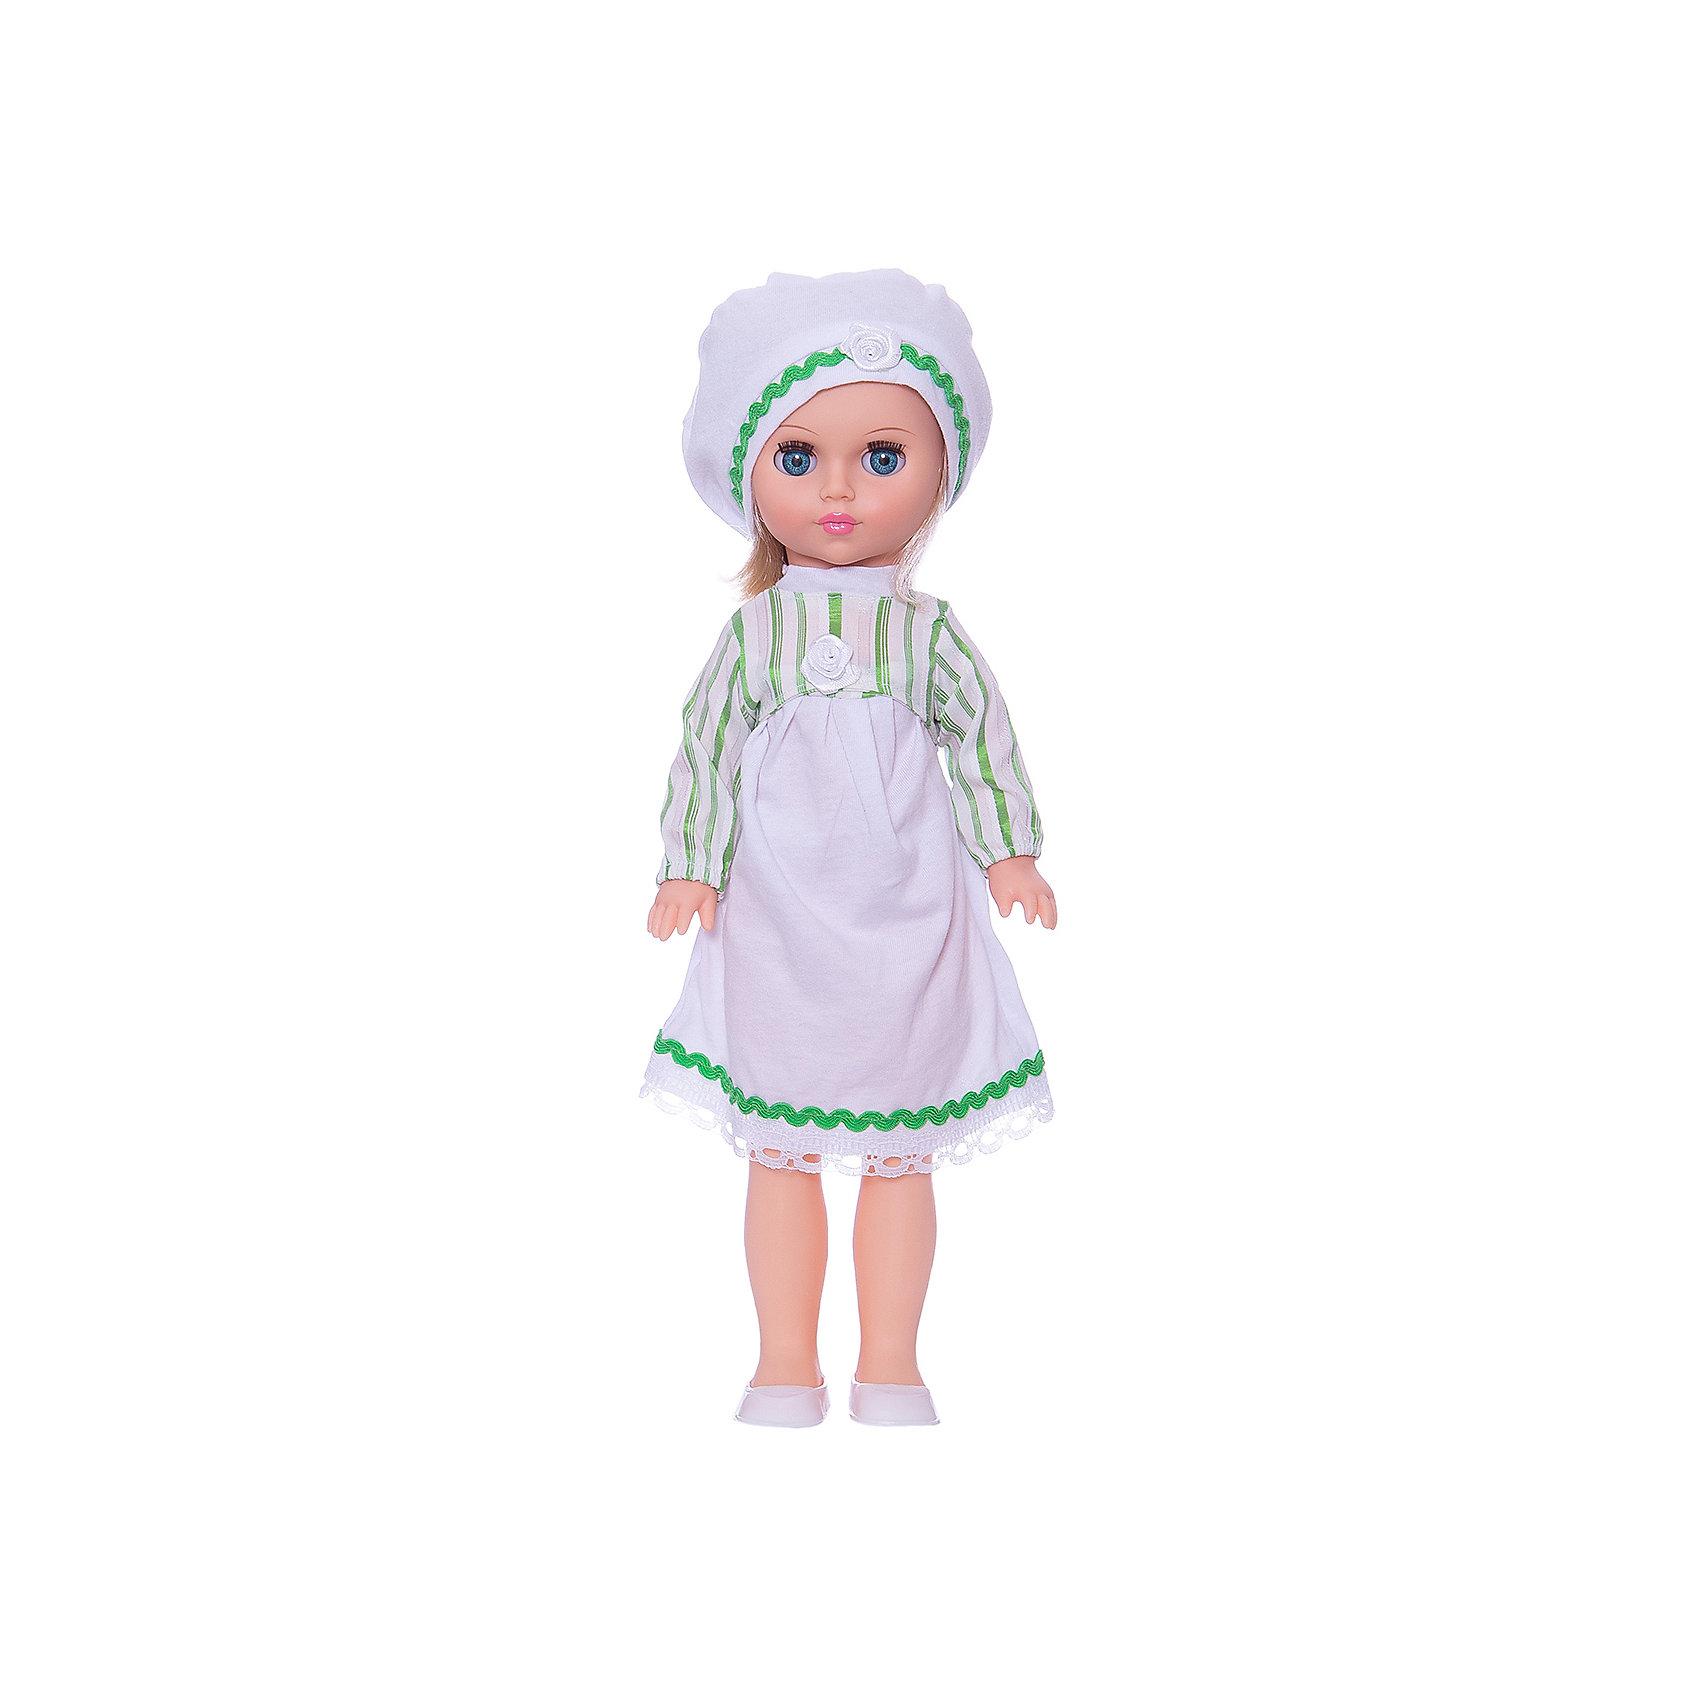 Кукла Мила 2, 40 см, ВеснаКлассические куклы<br>Качественная красивая кукла от отечественного производителя способна не просто помочь ребенку весело проводить время, но и научить девочку одеваться со вкусом. На ней - красивый летний наряд со шляпой и сумочкой, обувь, всё можно снимать и надевать.<br>Очень красиво смотрятся пышные волосы, на которых можно делать прически. Сделана игрушка из качественных и безопасных для ребенка материалов. Такая кукла поможет ребенку освоить механизмы социальных взаимодействий, развить моторику и воображение. Также куклы помогают девочкам научиться заботиться о других.<br><br>Дополнительная информация:<br><br>- материал: пластмасса;<br>- волосы: прошивные;<br>- снимающаяся одежда и обувь;<br>- высота: 40 см.<br><br>Куклу Мила 2 от марки Весна можно купить в нашем магазине.<br><br>Ширина мм: 490<br>Глубина мм: 210<br>Высота мм: 130<br>Вес г: 410<br>Возраст от месяцев: 36<br>Возраст до месяцев: 1188<br>Пол: Женский<br>Возраст: Детский<br>SKU: 4701853